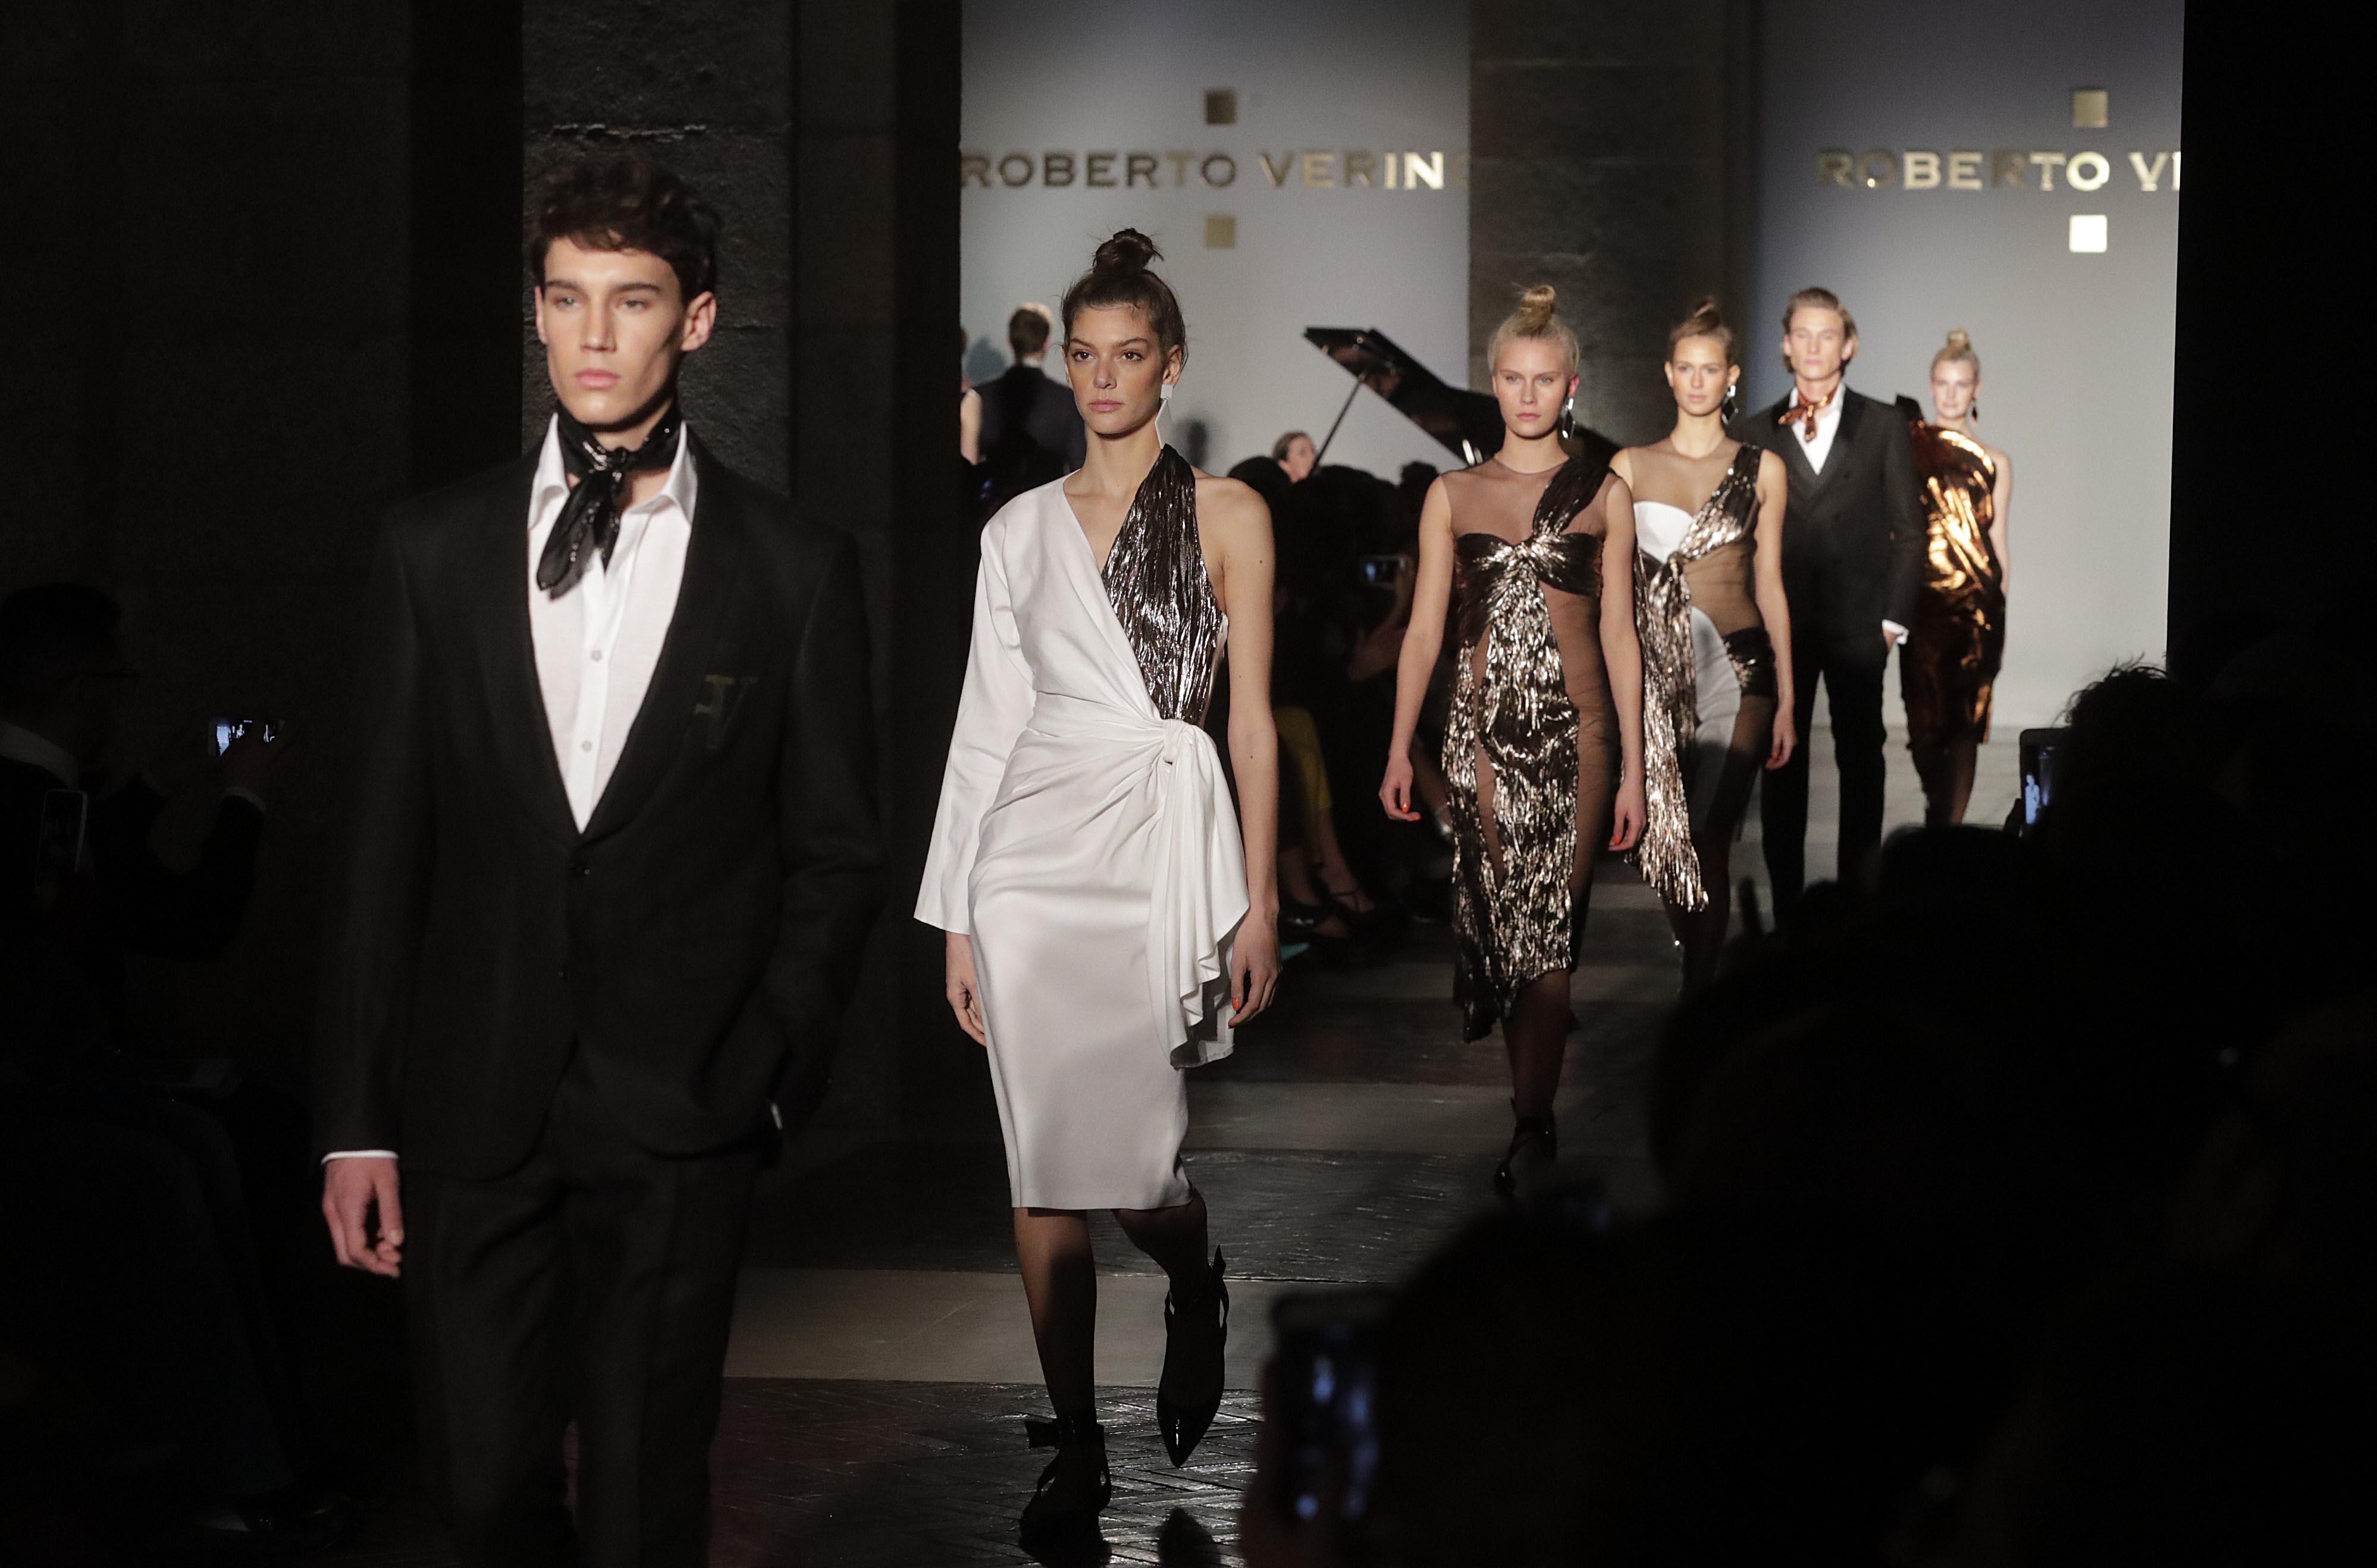 La Fashion Week de Madrid anuncia sus fechas para 2020